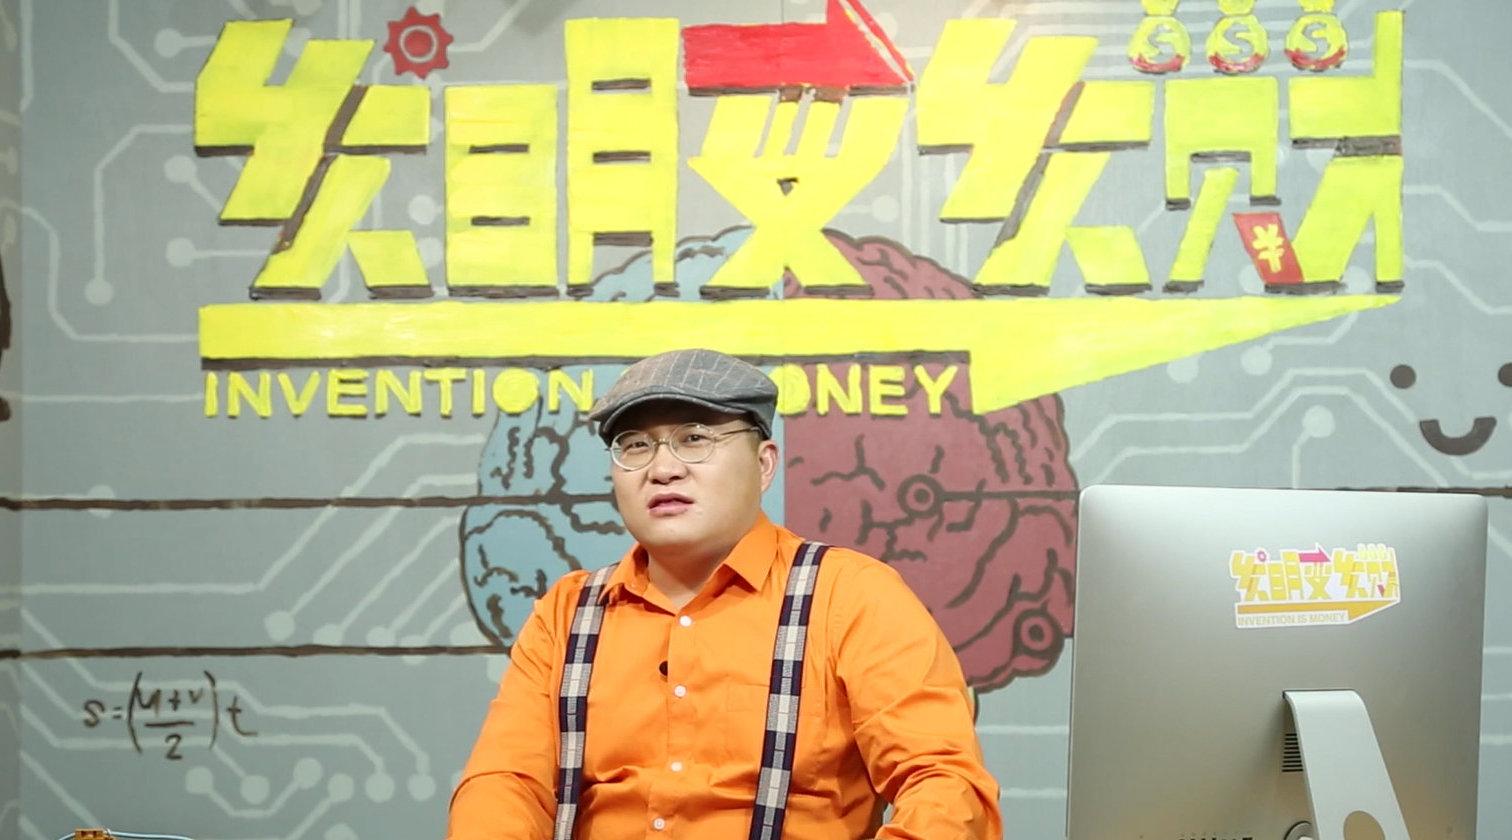 发明变发财!一档科技节目,让中国大量的发明人,从此翻身富起来